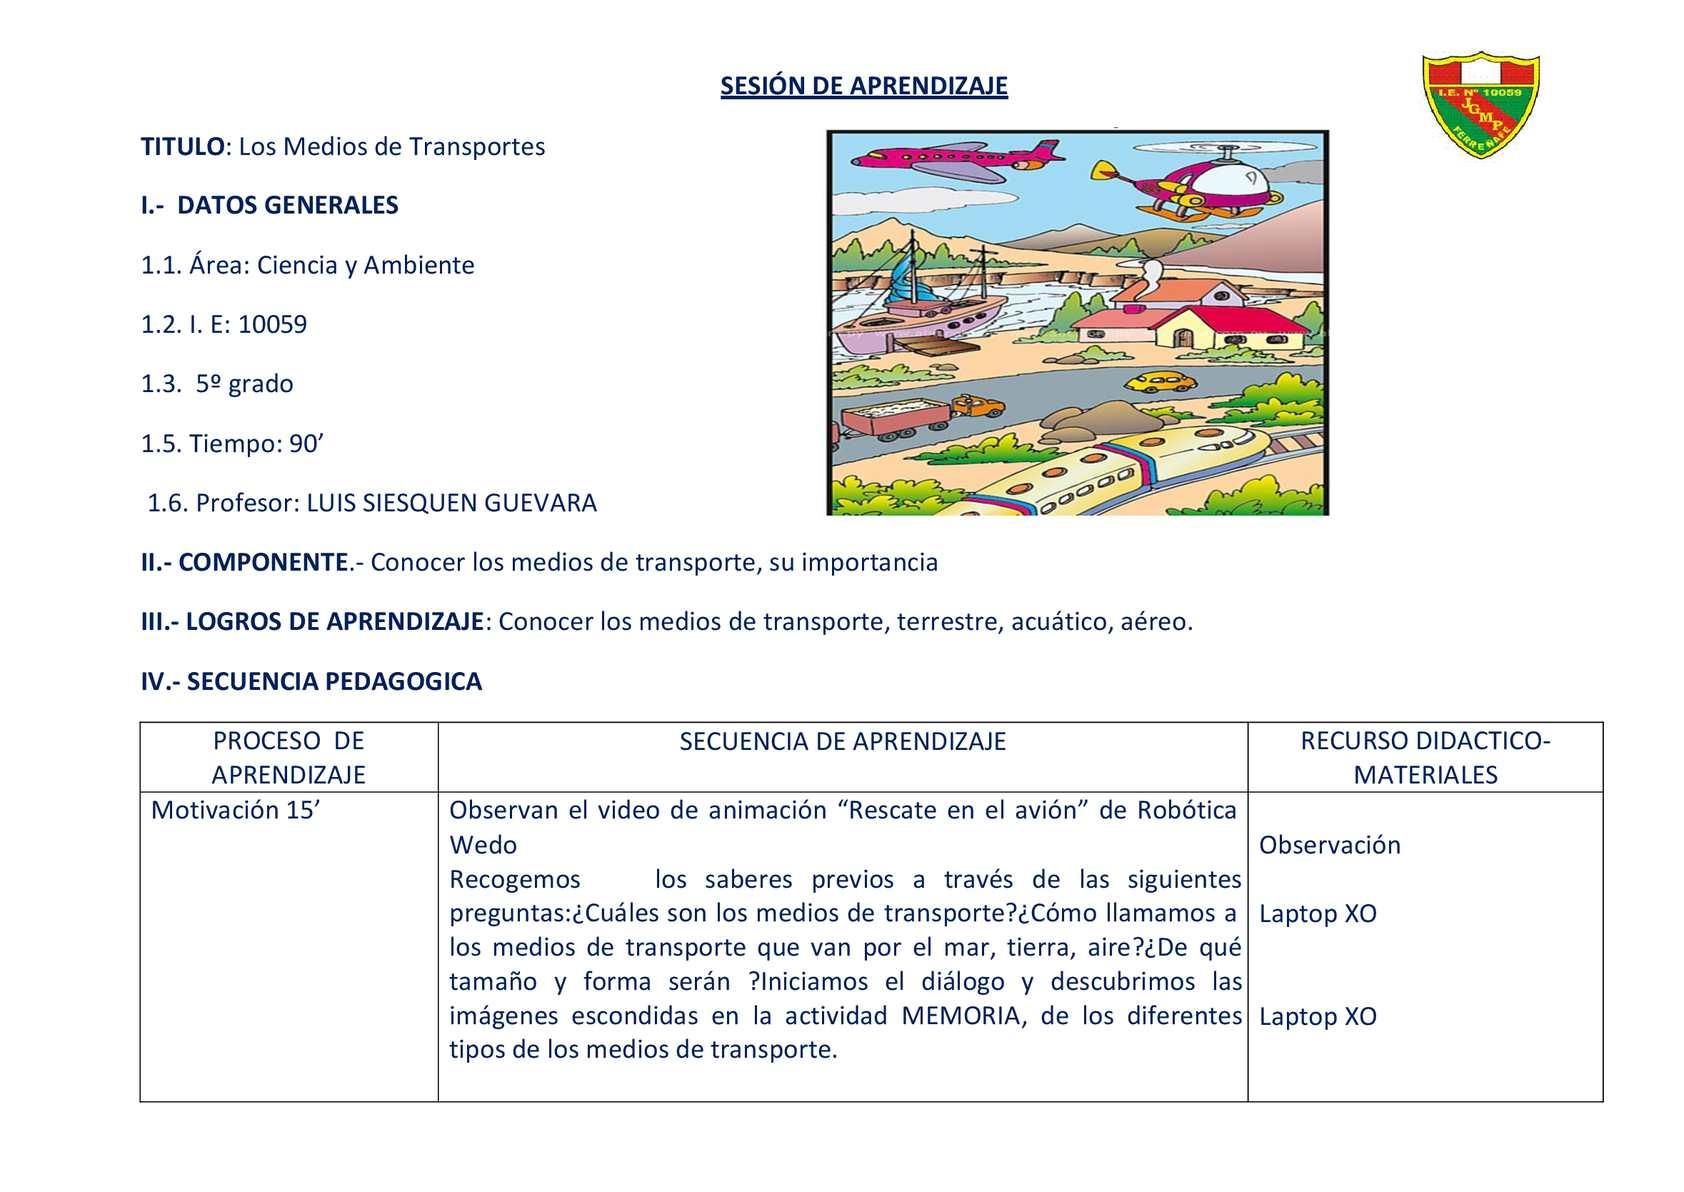 """SESION DE APRENDIZAJE CON ROBOTICA EDUCATIVA """"LOS MEDIOS DE TRANSPORTE"""""""